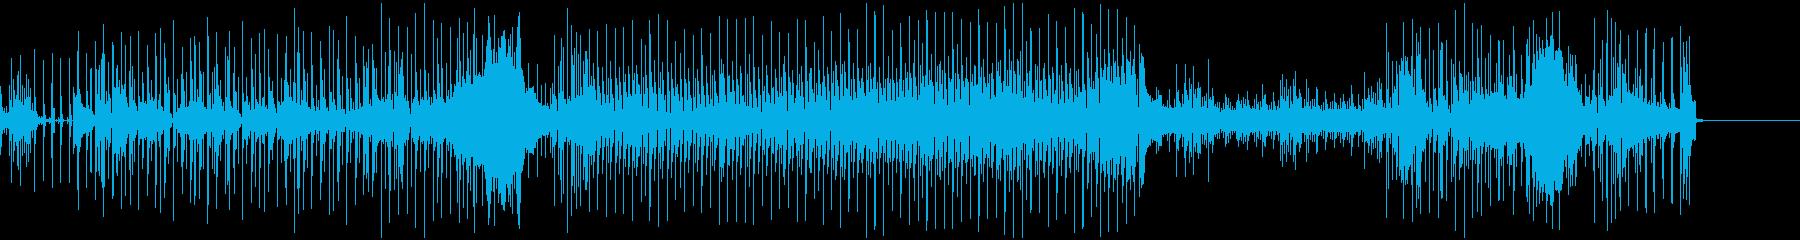 ゲーム音楽っぽいBGMですの再生済みの波形